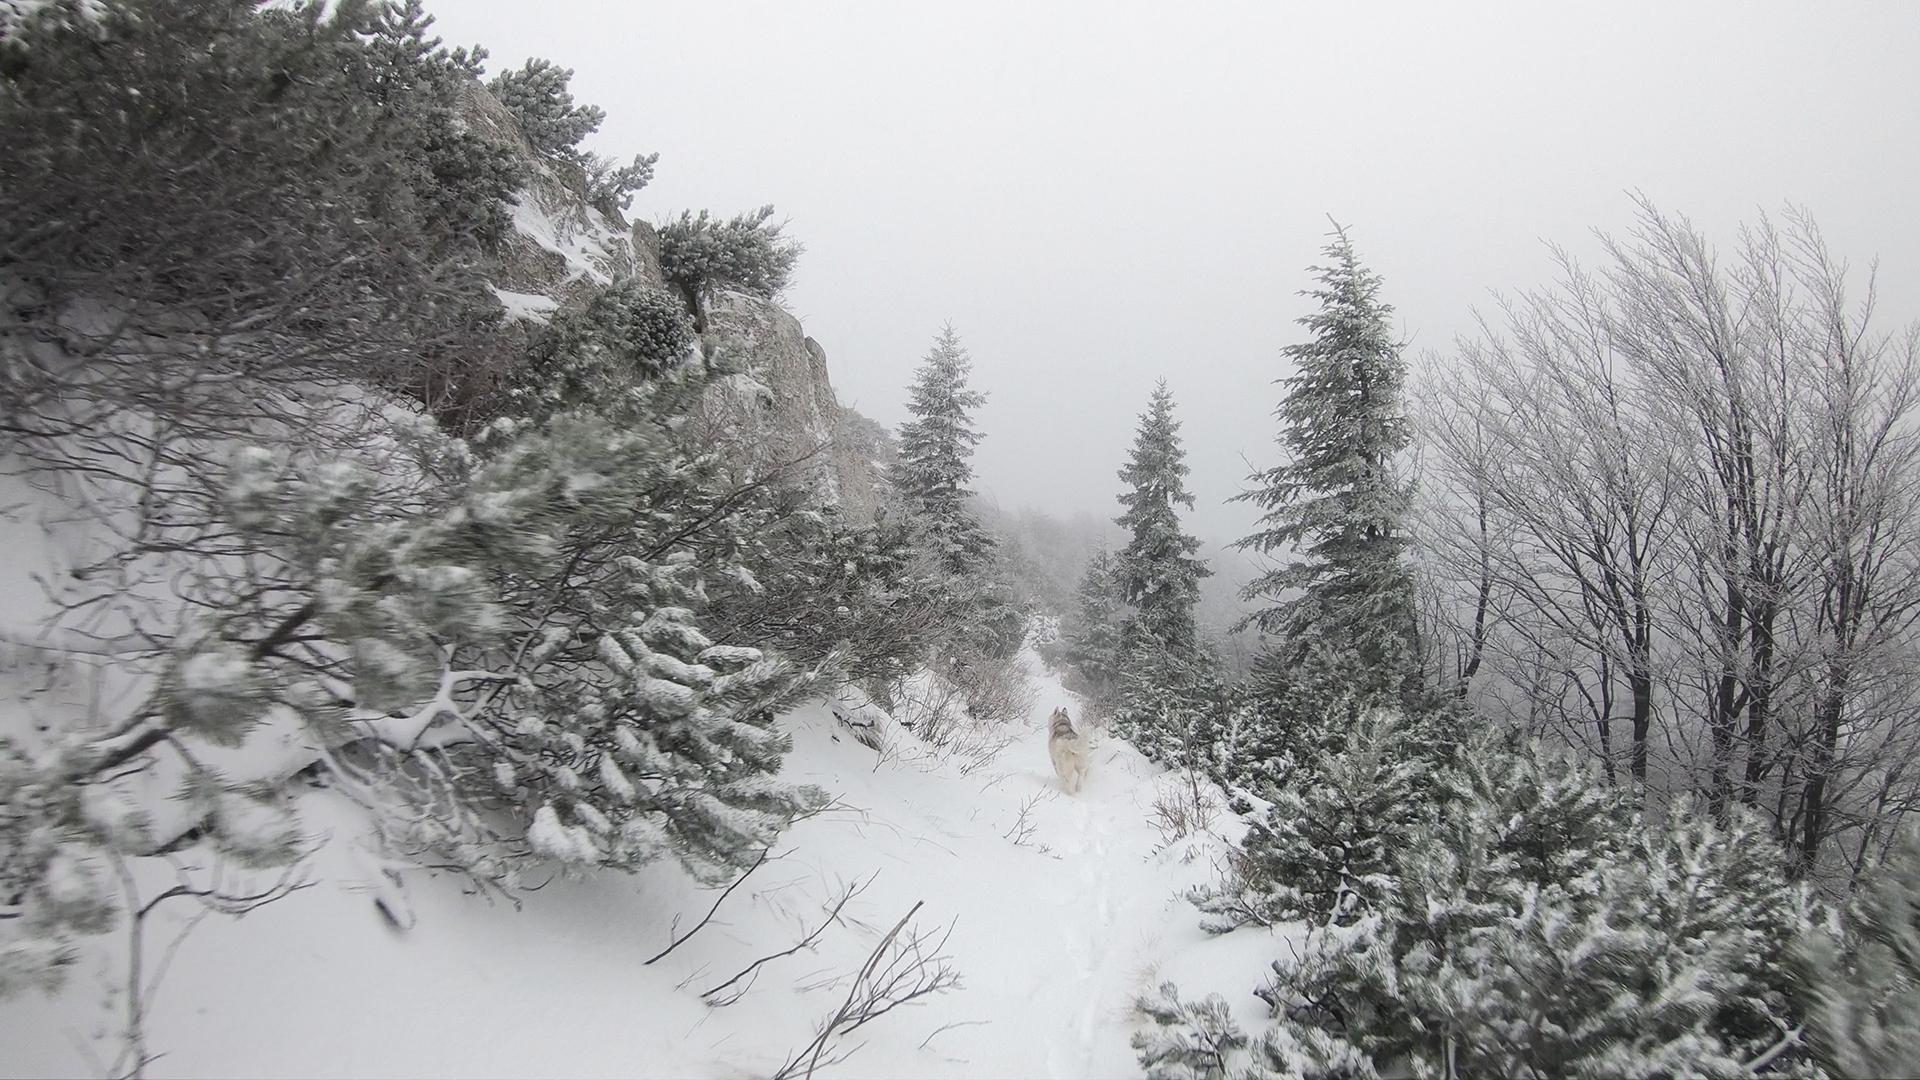 Risnjak_zimi1.jpg (1.35 MB)